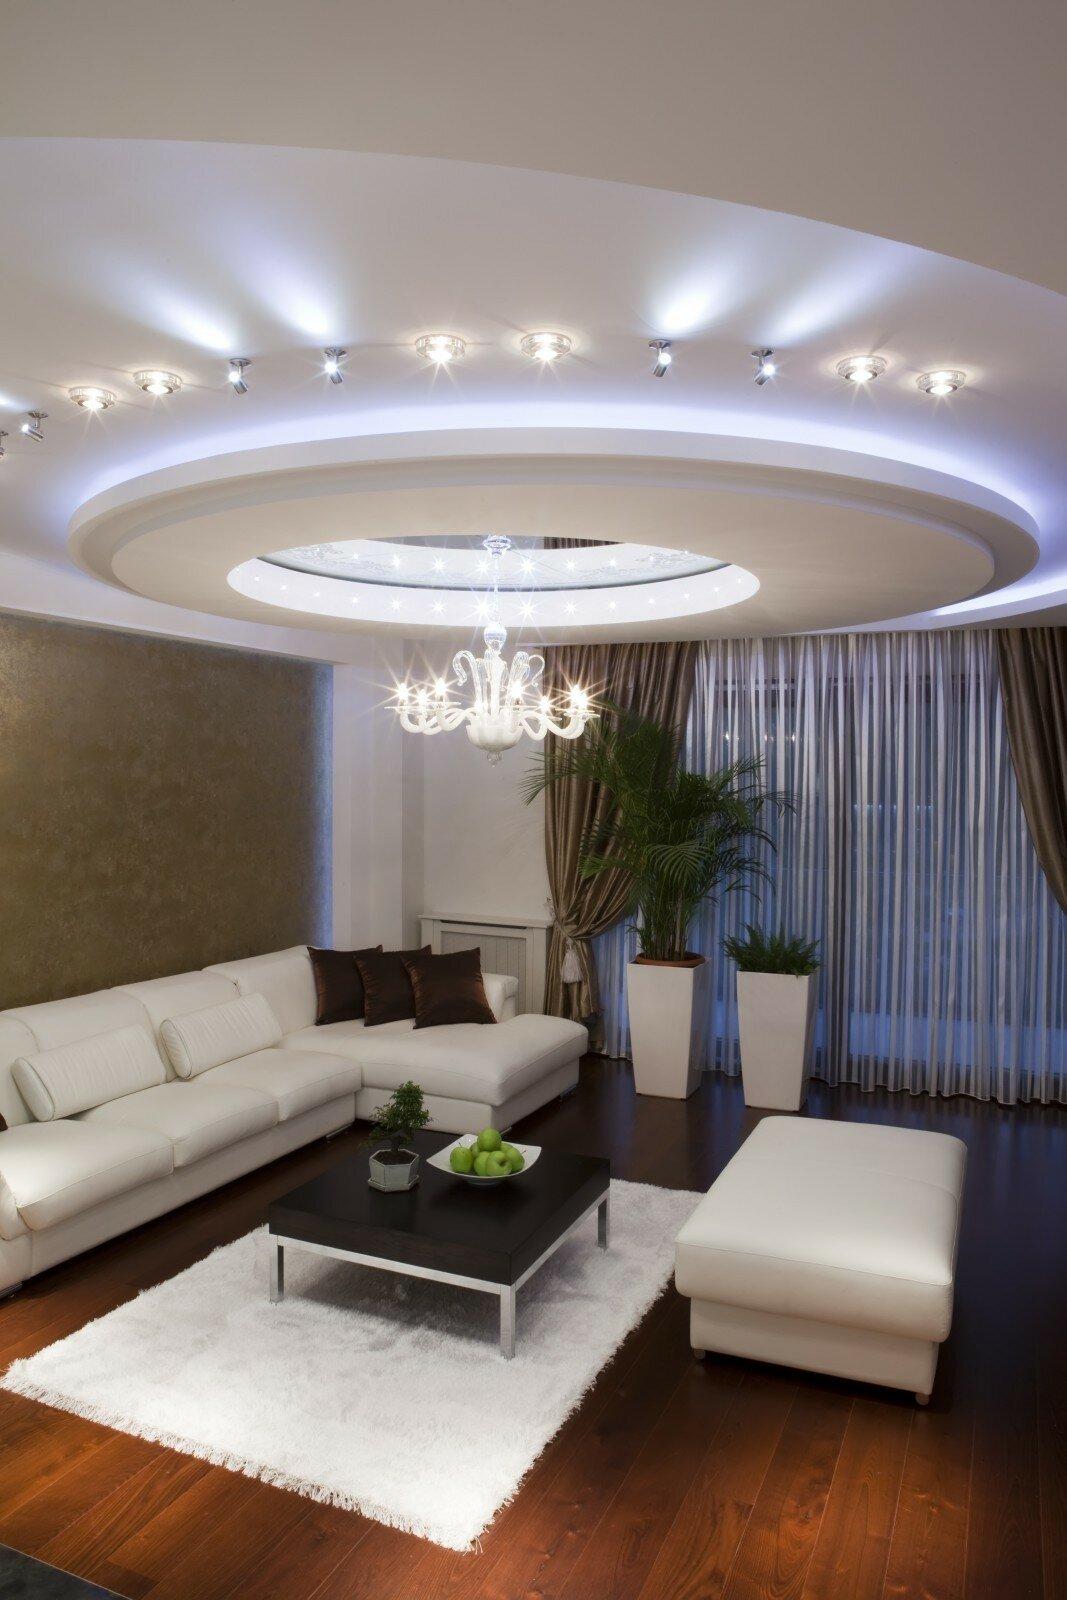 многоуровневые потолки из гипсокартона фото в зале бесплатно широкоформатные